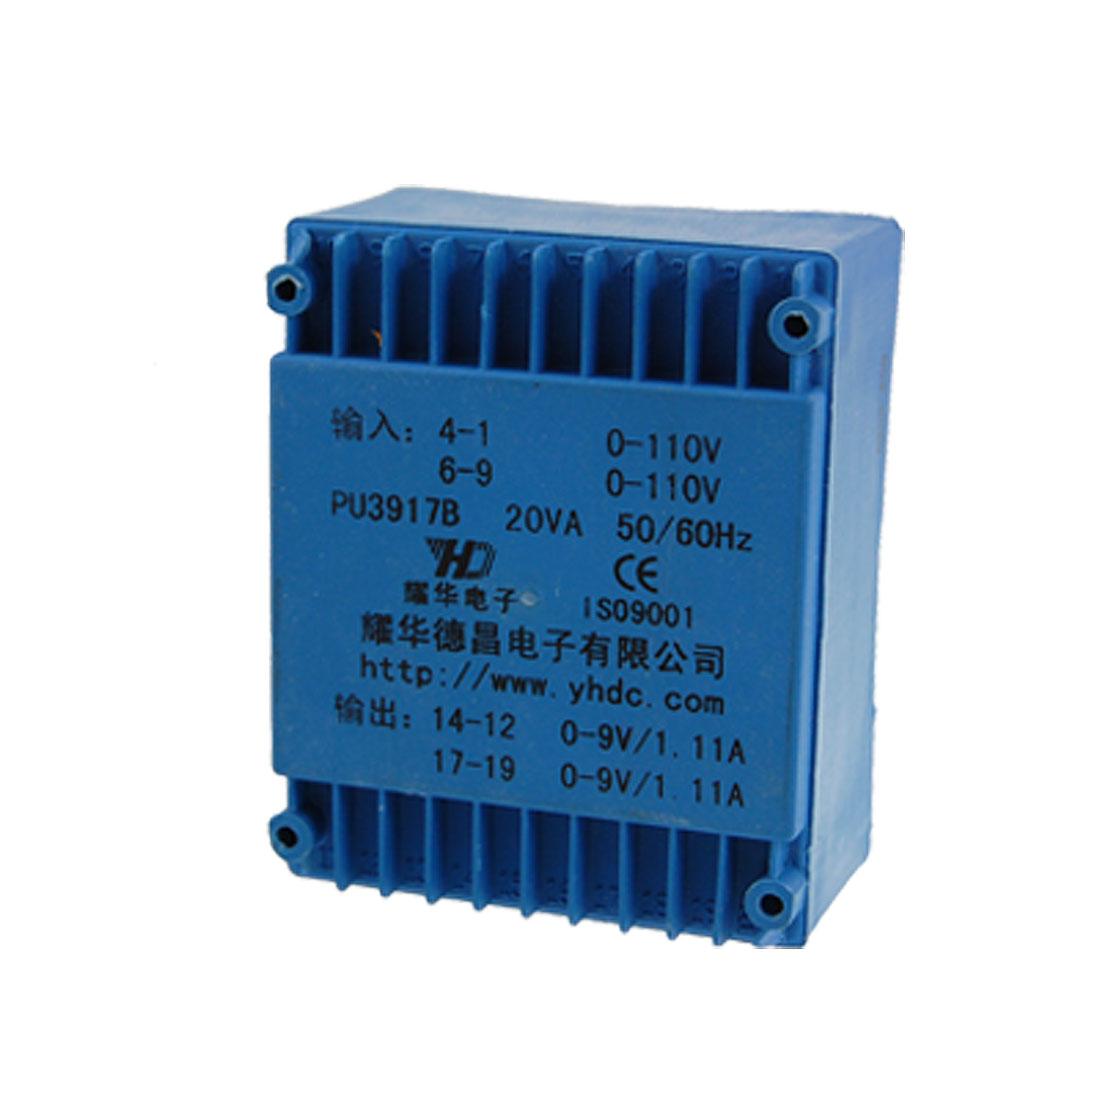 AC 110V Epoxy Resin Embedding Double Phase PCB Soldering Transformer